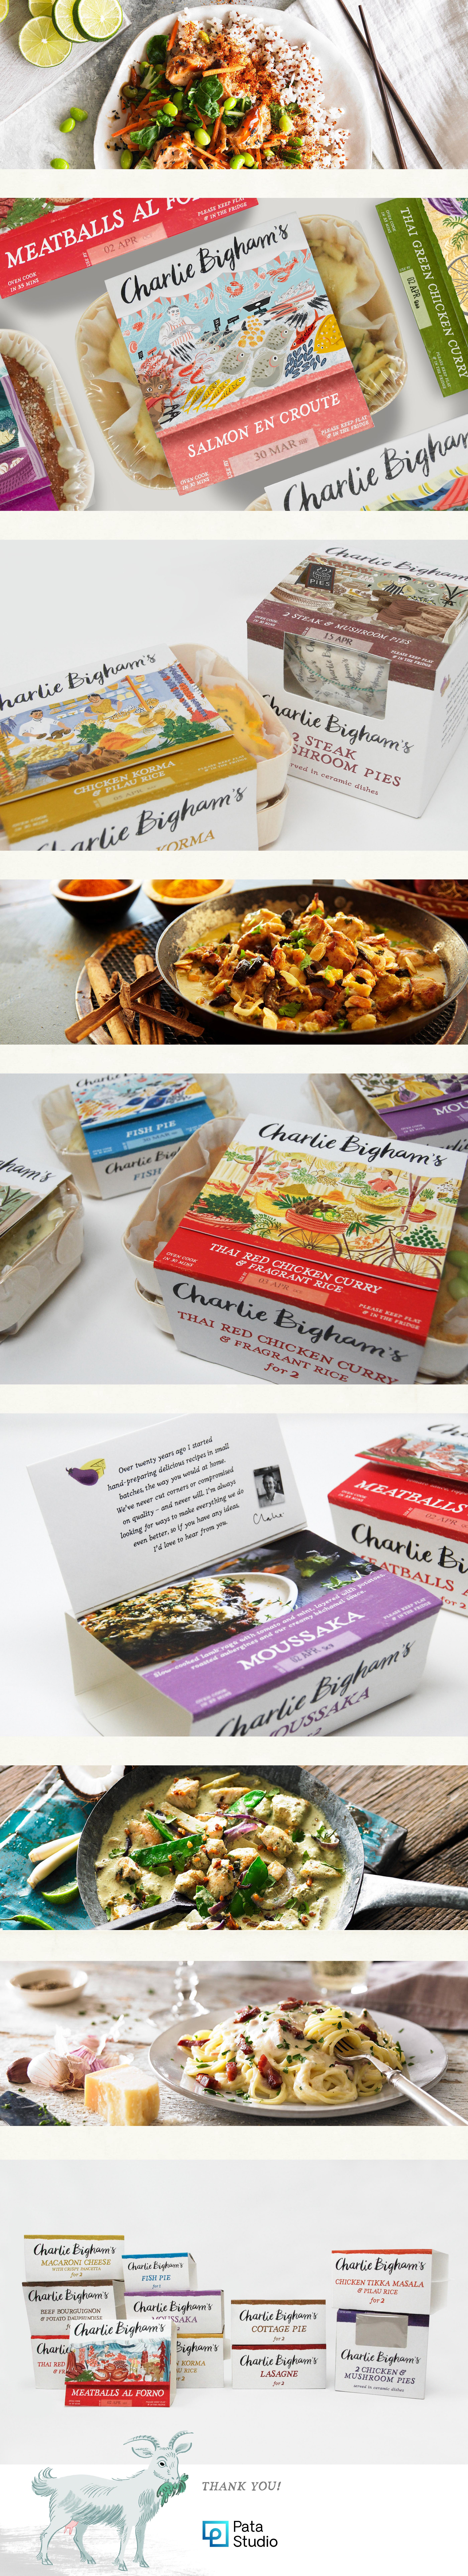 快餐食品盒包装-CHARLIE BIGHAM'S